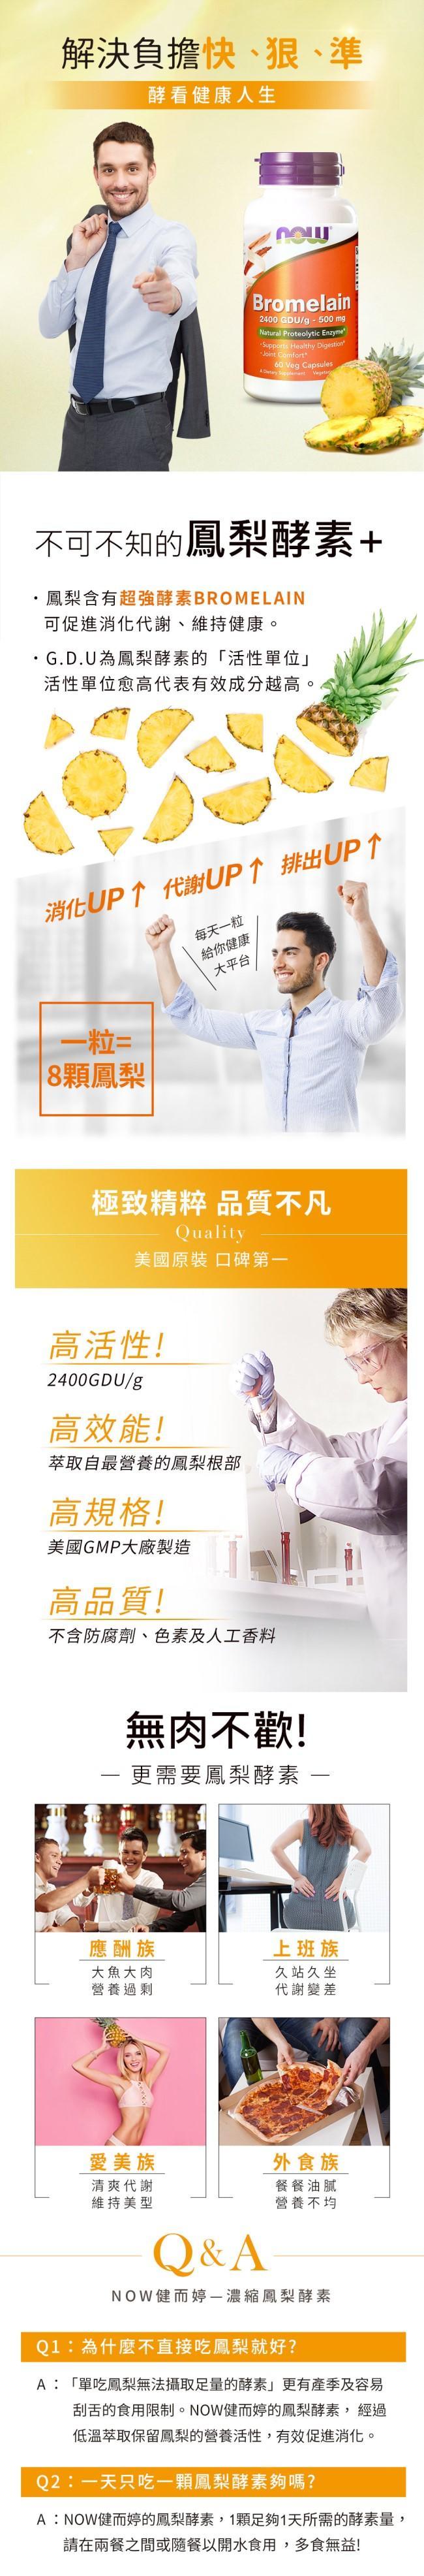 NOW健而婷-濃縮鳳梨酵素膠囊(60粒)3瓶優惠組產品資訊